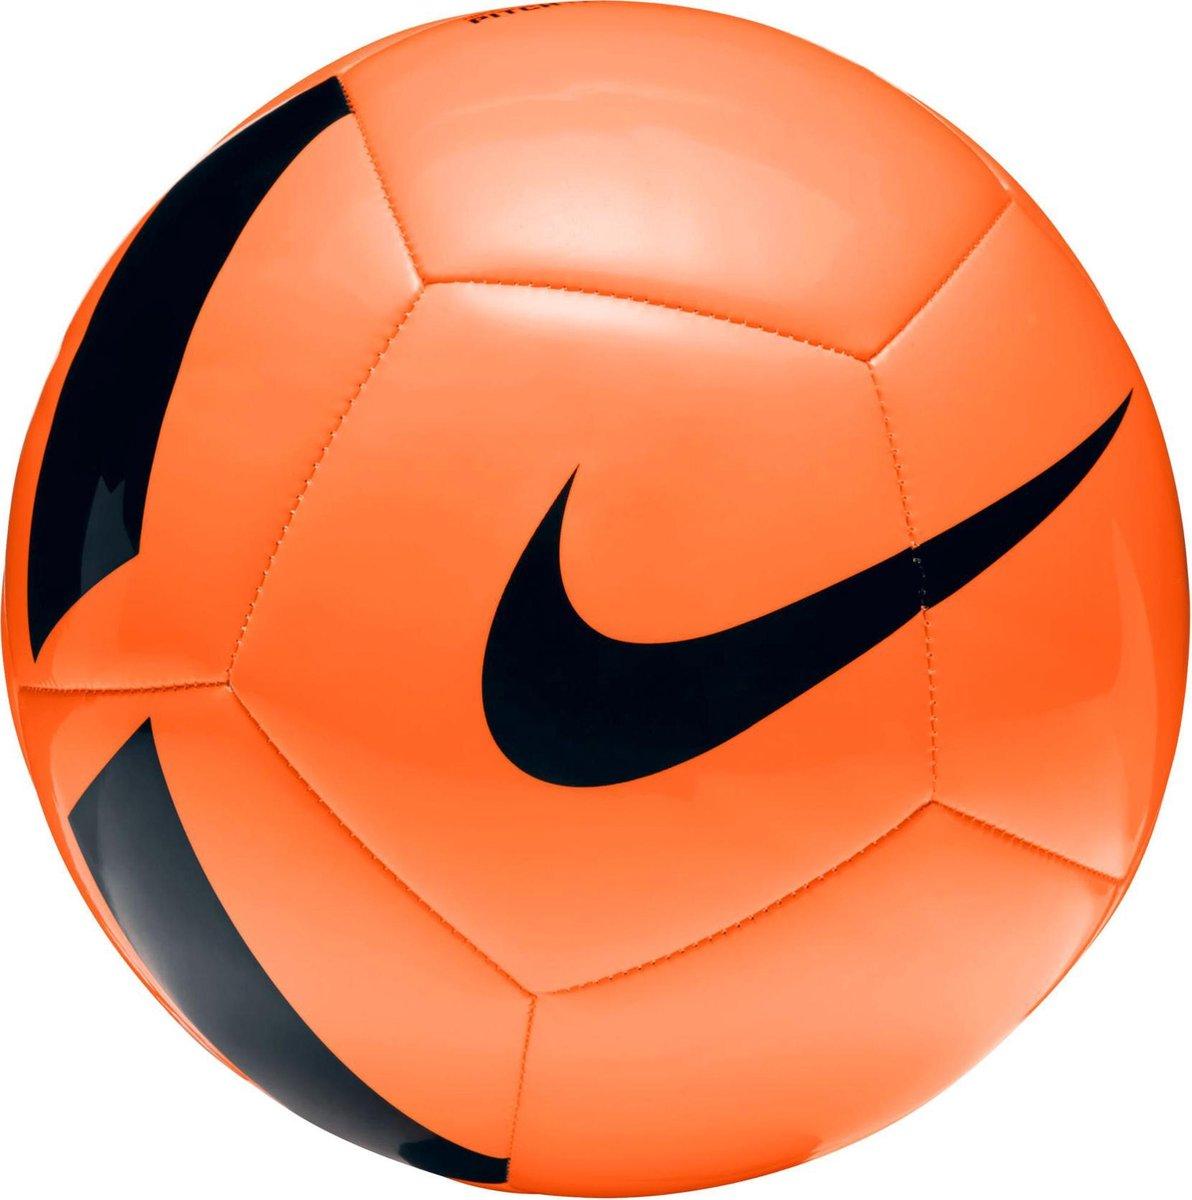 Nike Voetbal - oranje/zwart - Nike